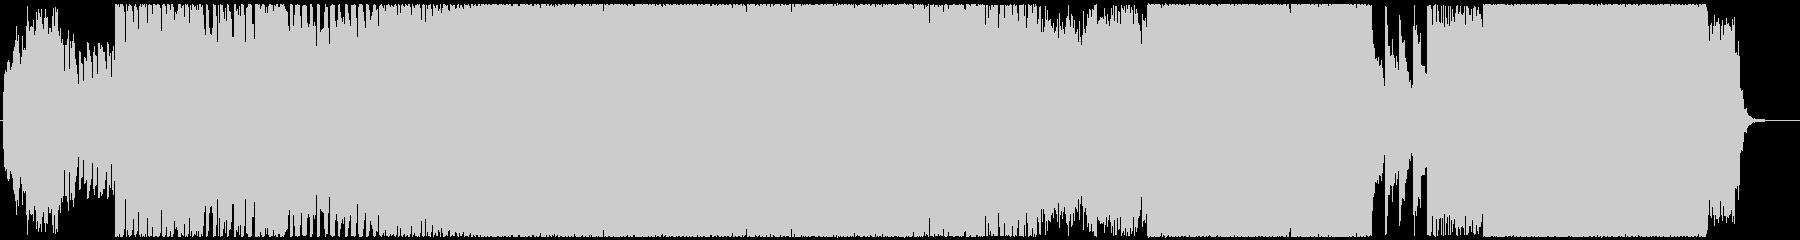 音ゲー風スピードコアのオリジナルver.の未再生の波形